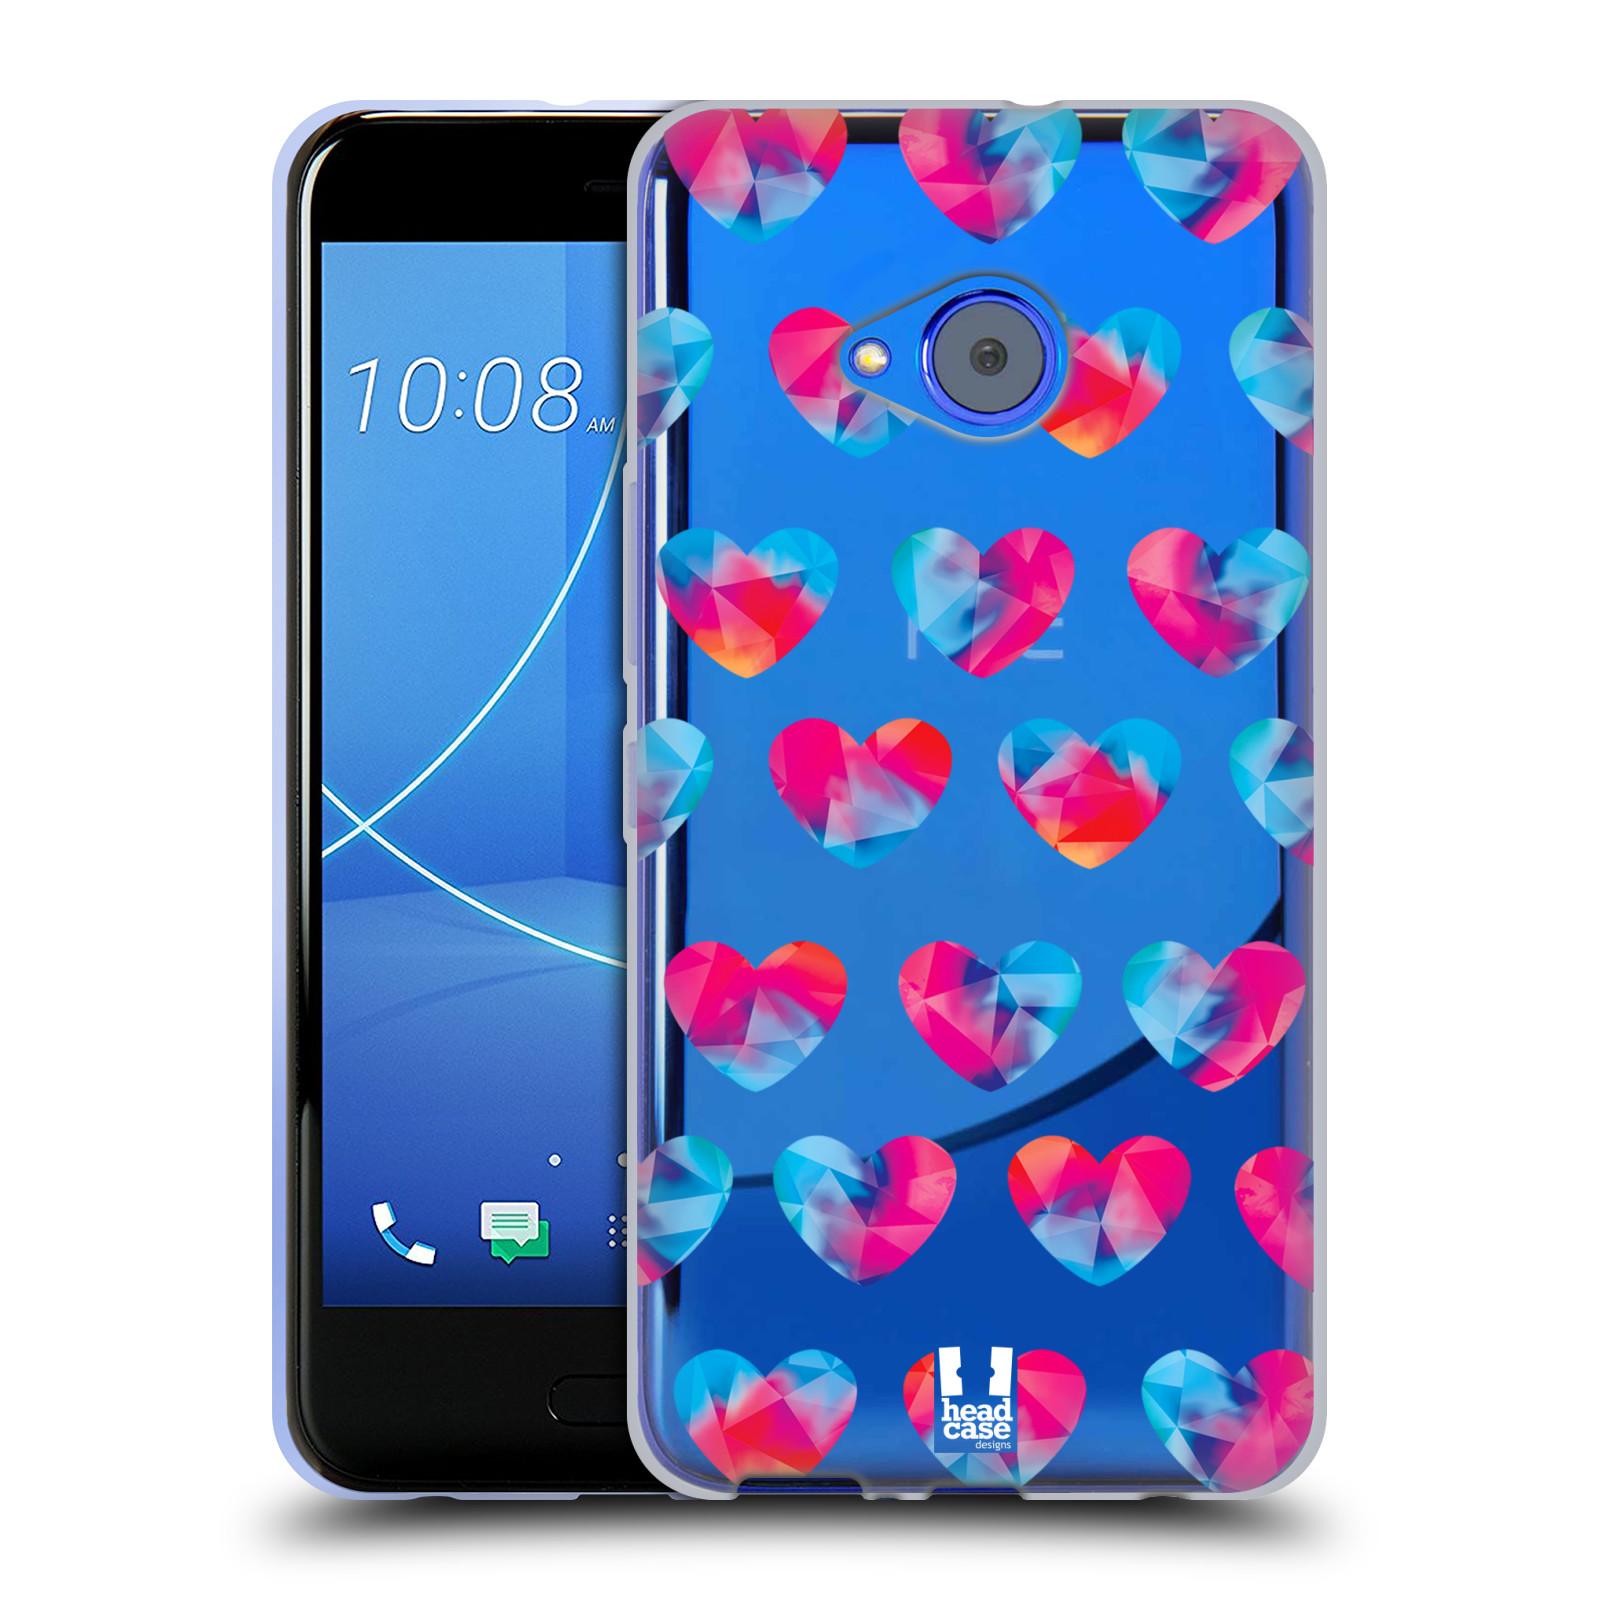 Silikonové pouzdro na mobil HTC U11 Life - Head Case - Srdíčka hrající barvami